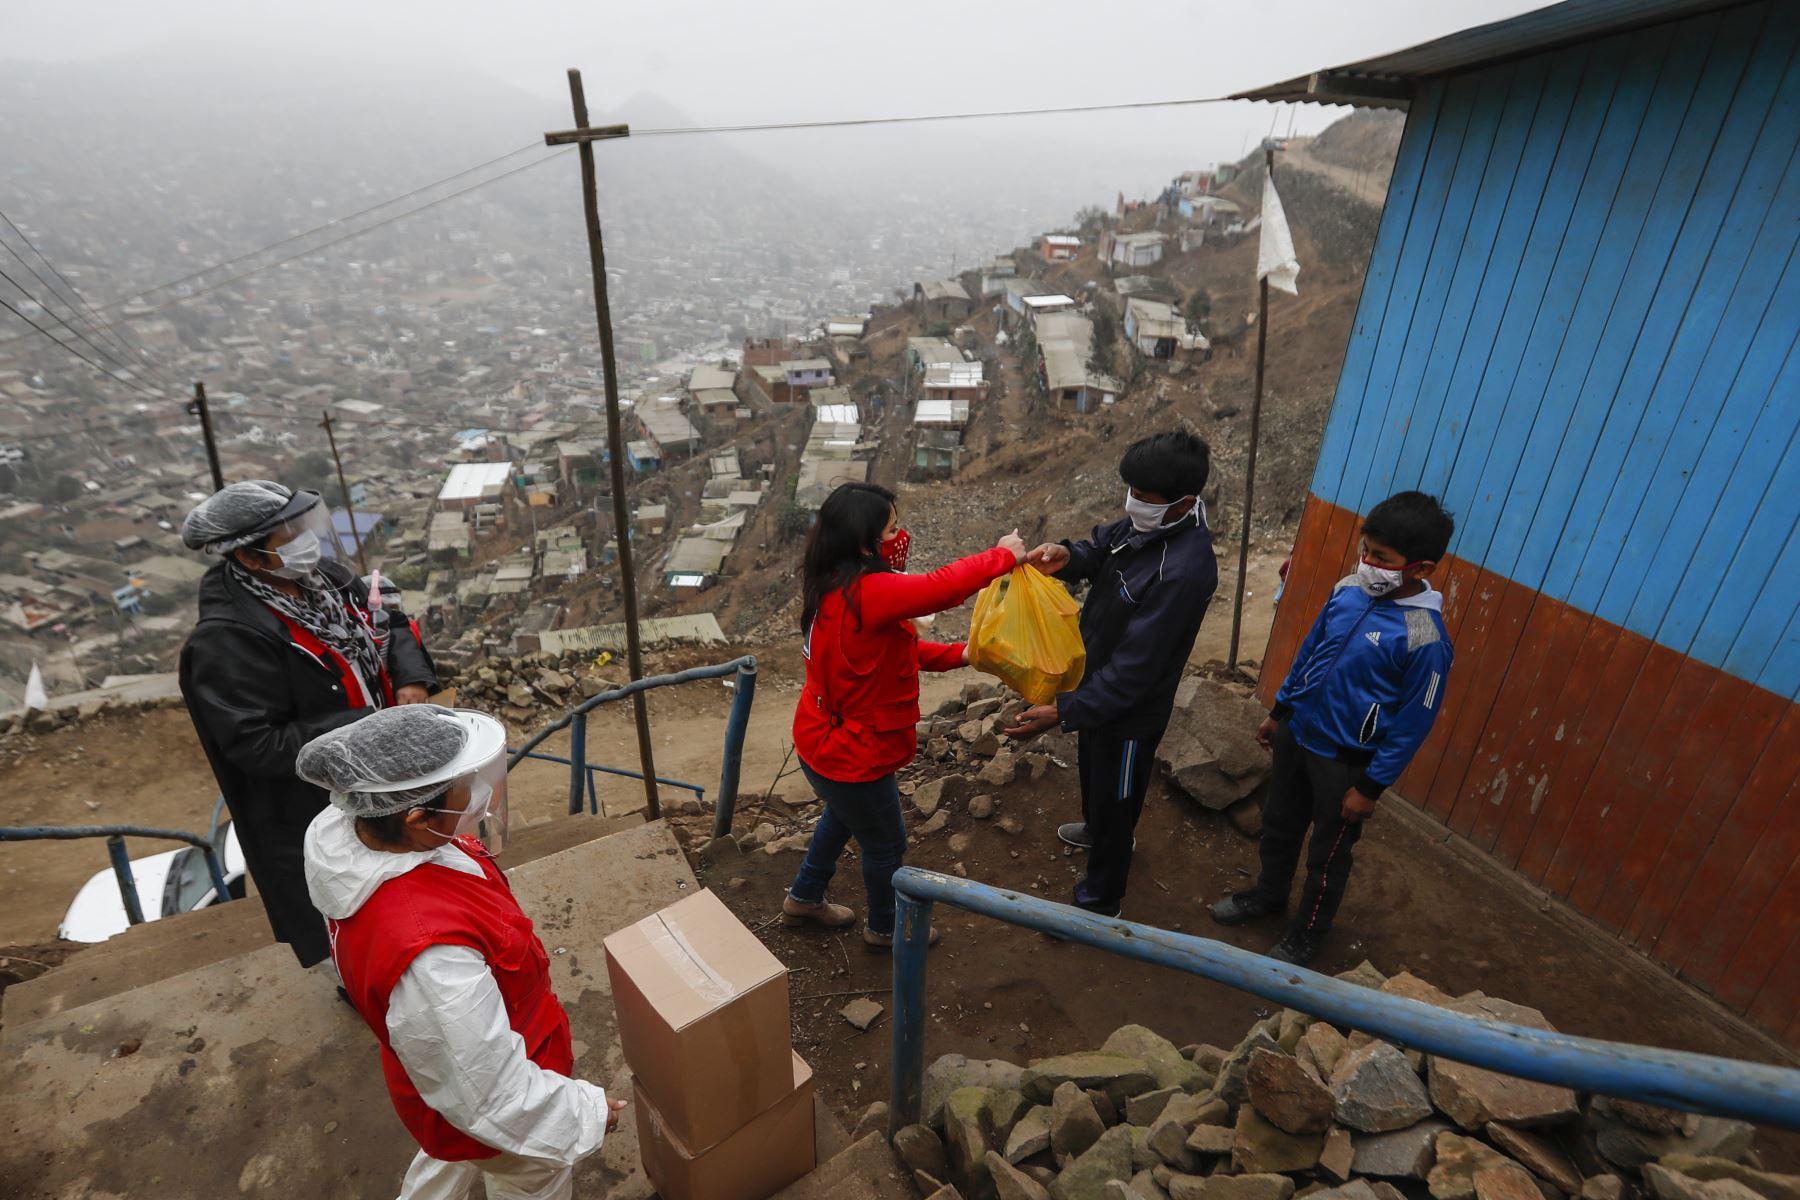 Ellos viven en lo más alto del AAHH Cerro Franco. Comentan lo difícil que les ha resultado vivir durante la pandemia y agradecen al equipo por su interés.  Foto: ANDINA/Renato Pajuelo